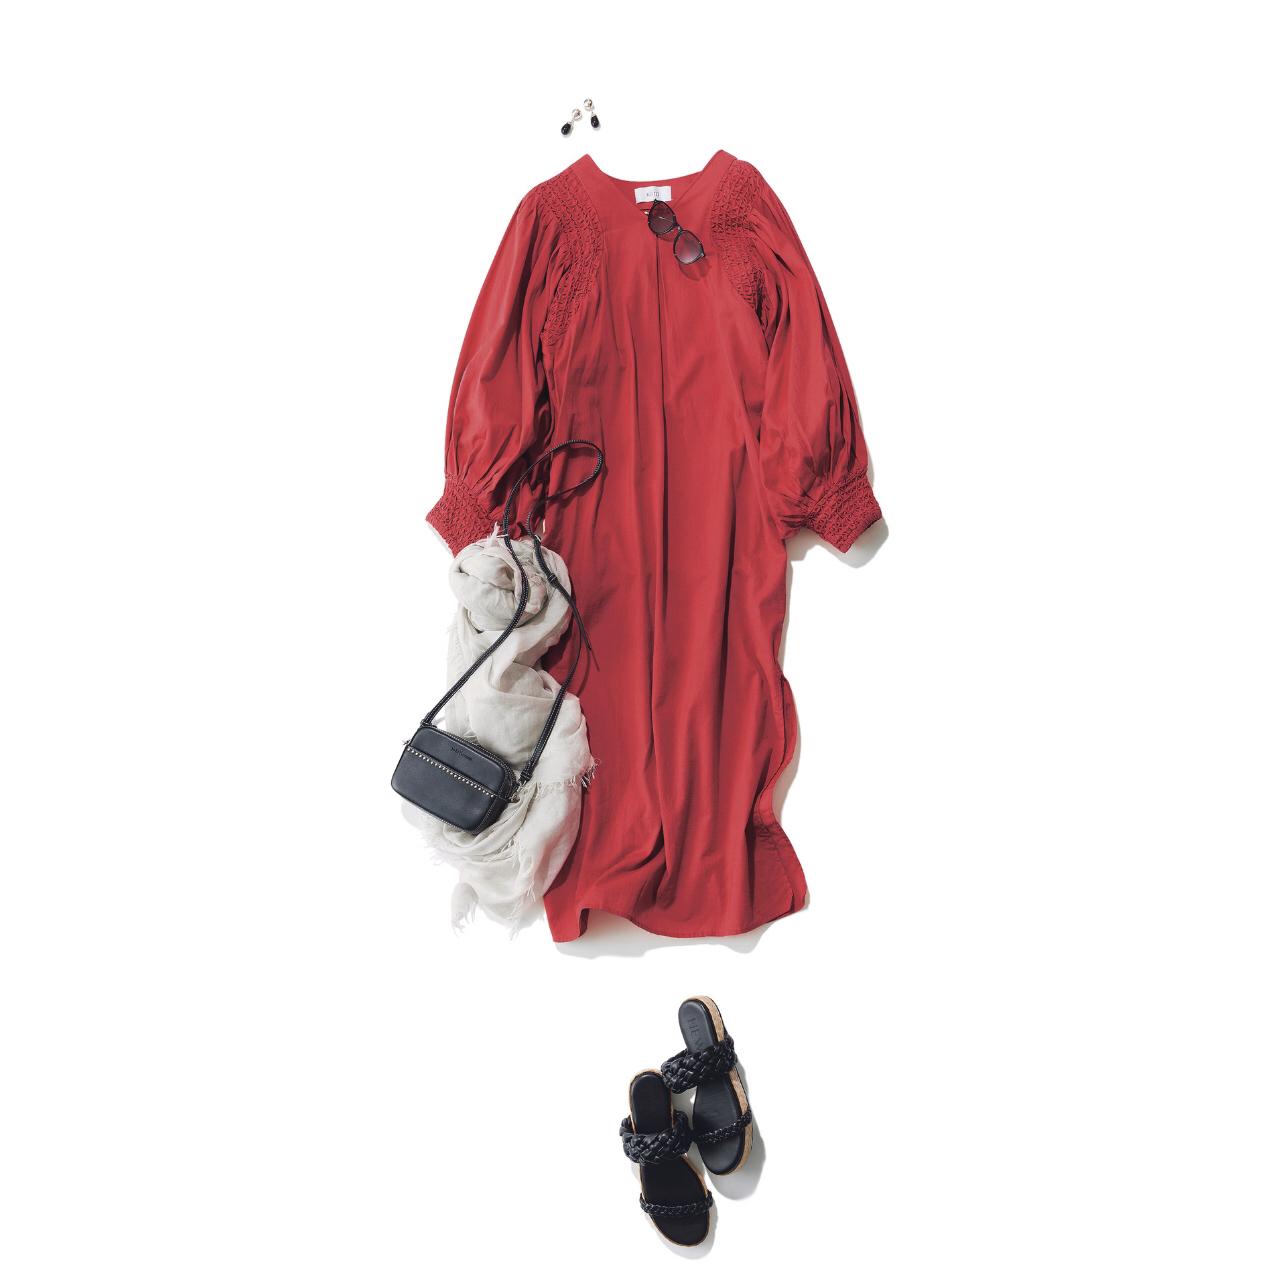 「ストール」でアラフォーの夏コーデをブラッシュアップ! 冷房対策にもおしゃれにも効くストールの取り入れ方  40代ファッション_1_10